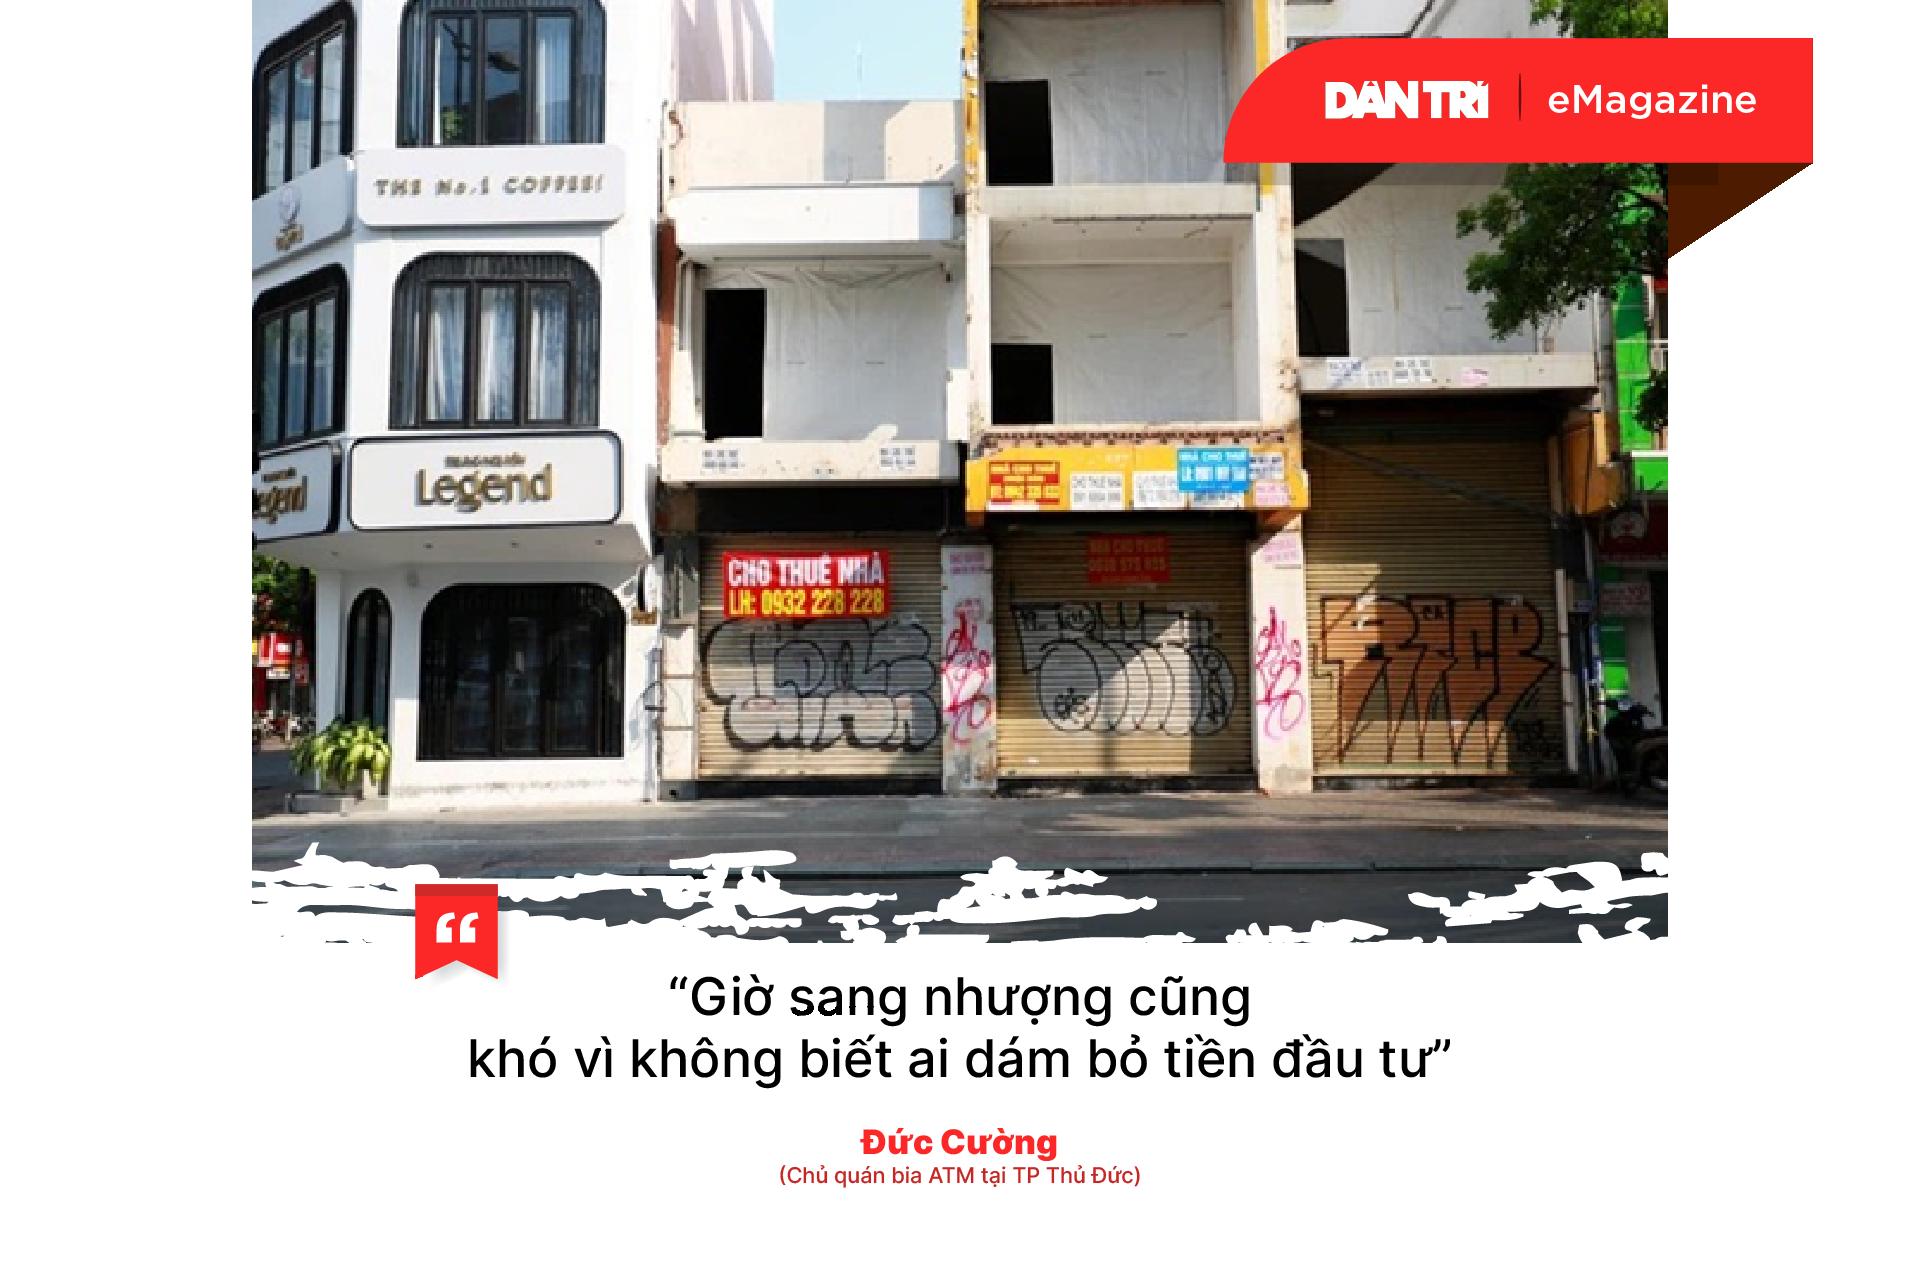 Hàng quán Sài Gòn kiệt sức, tiền nào đổ vào cũng bay - 13